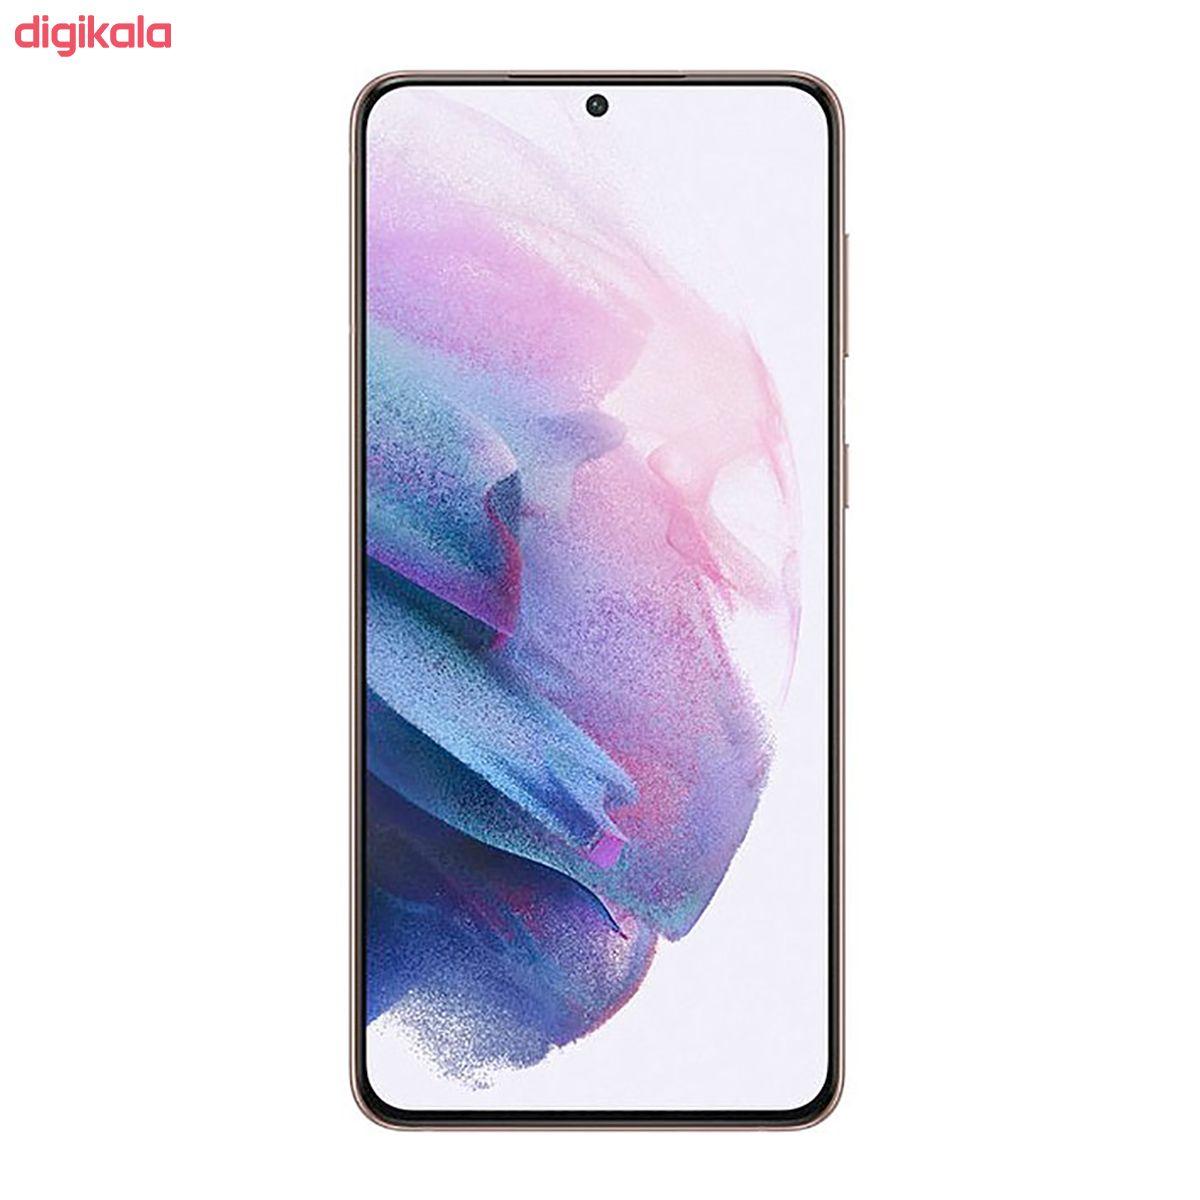 گوشی موبایل سامسونگ مدل Galaxy S21 Plus 5G SM-G996B/DS دو سیم کارت ظرفیت 256 گیگابایت و رم 8 گیگابایت main 1 1